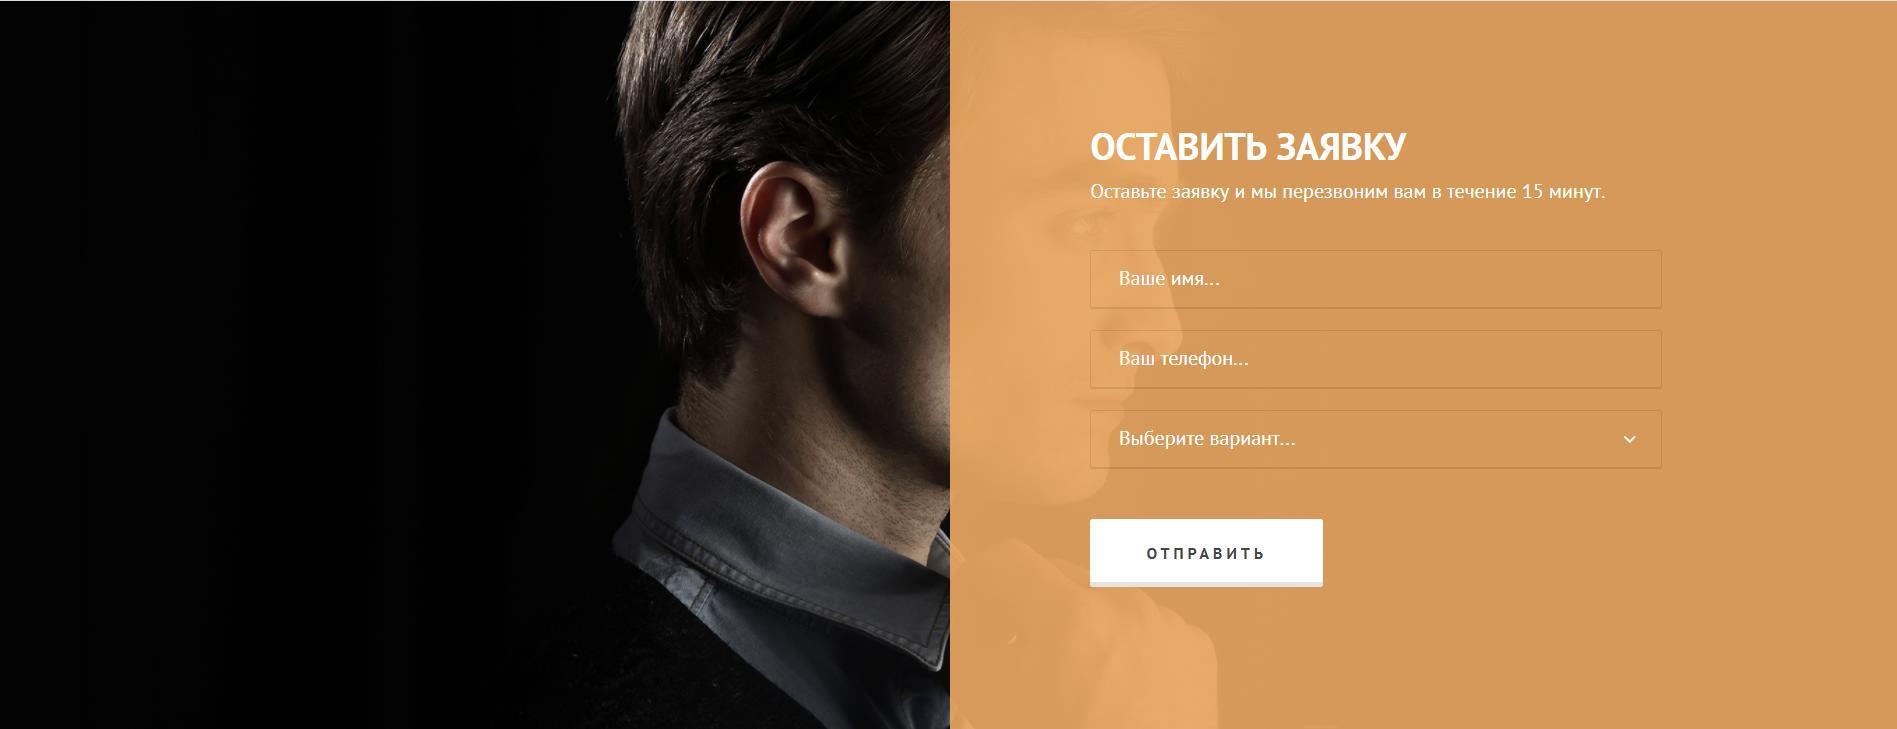 Лендинг Тиграна Сааряна